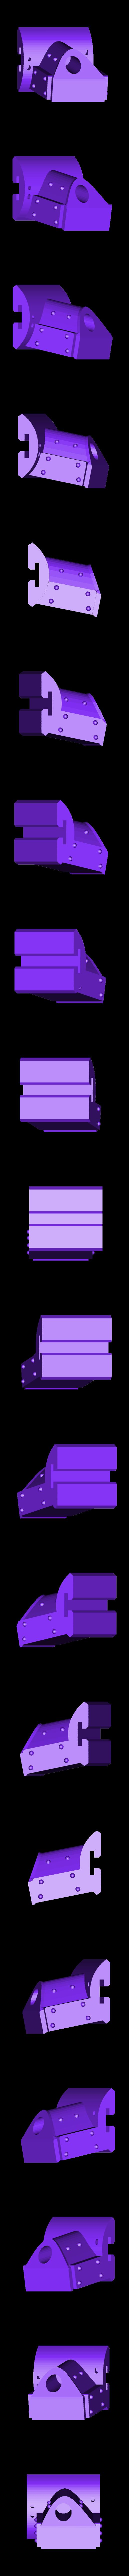 T-34-76 - main-gun.stl Télécharger fichier STL T-34/76 pour l'assemblage, avec voies mobiles • Objet pour imprimante 3D, c47